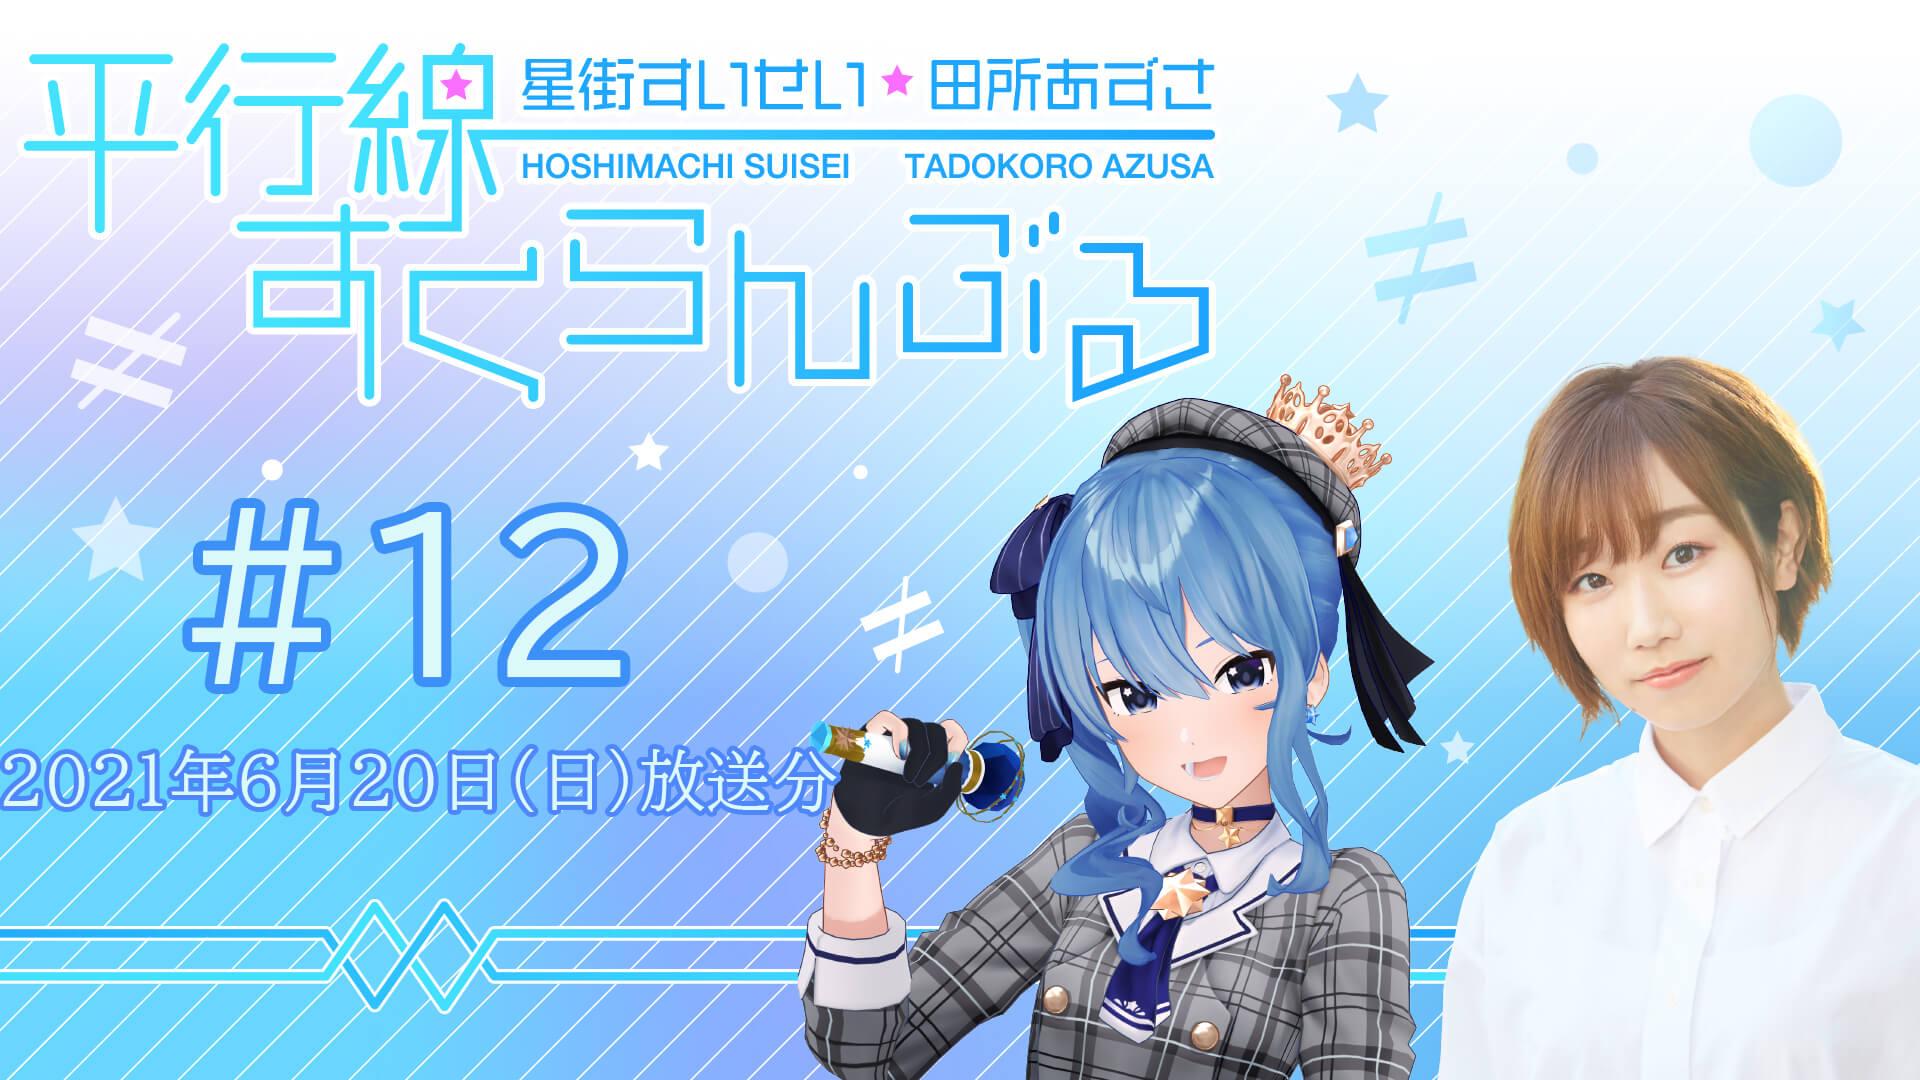 #12『星街すいせい・田所あずさ 平行線すくらんぶる』(2021年6月20日放送分)